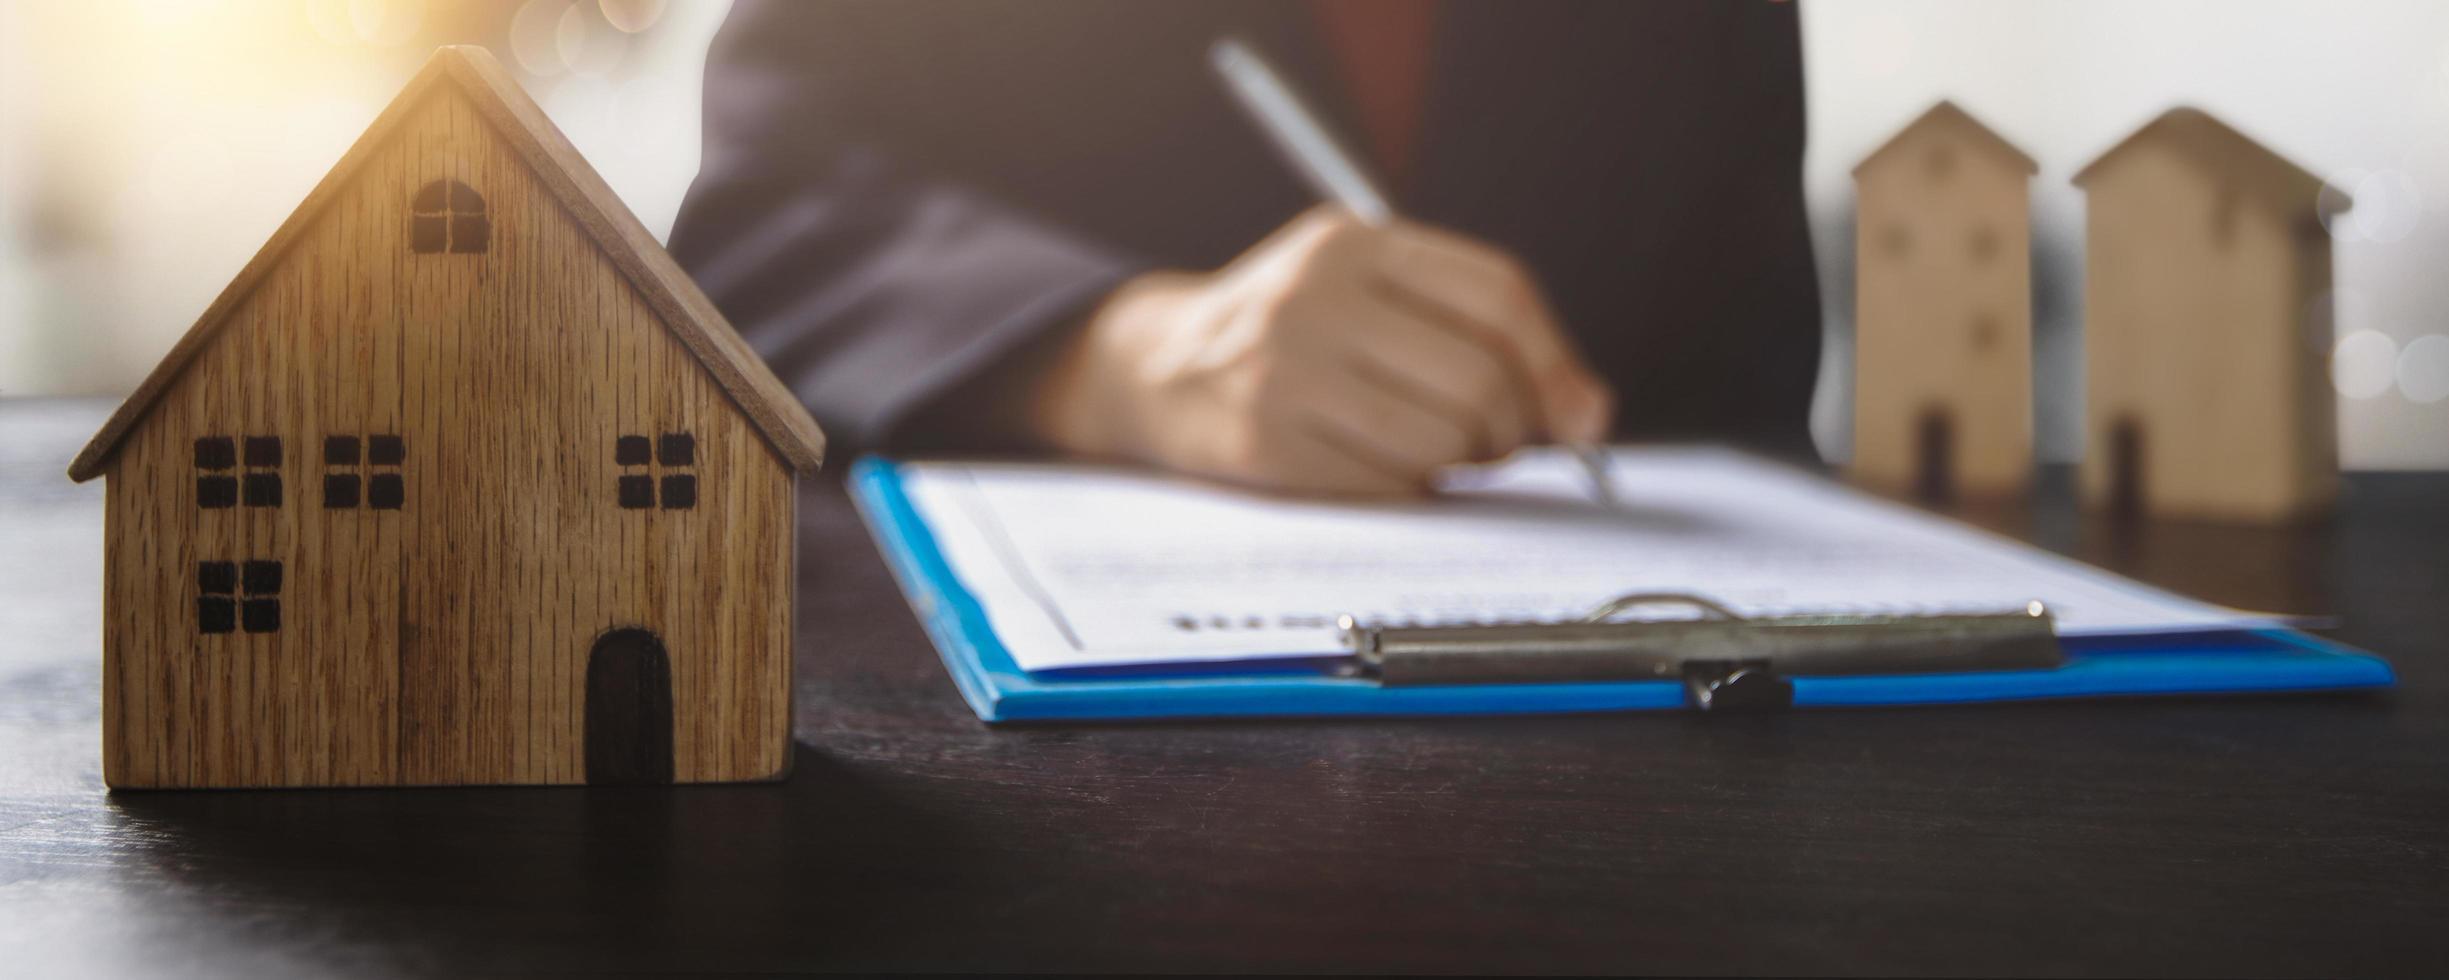 husägare underteckna inteckningskontrakt foto